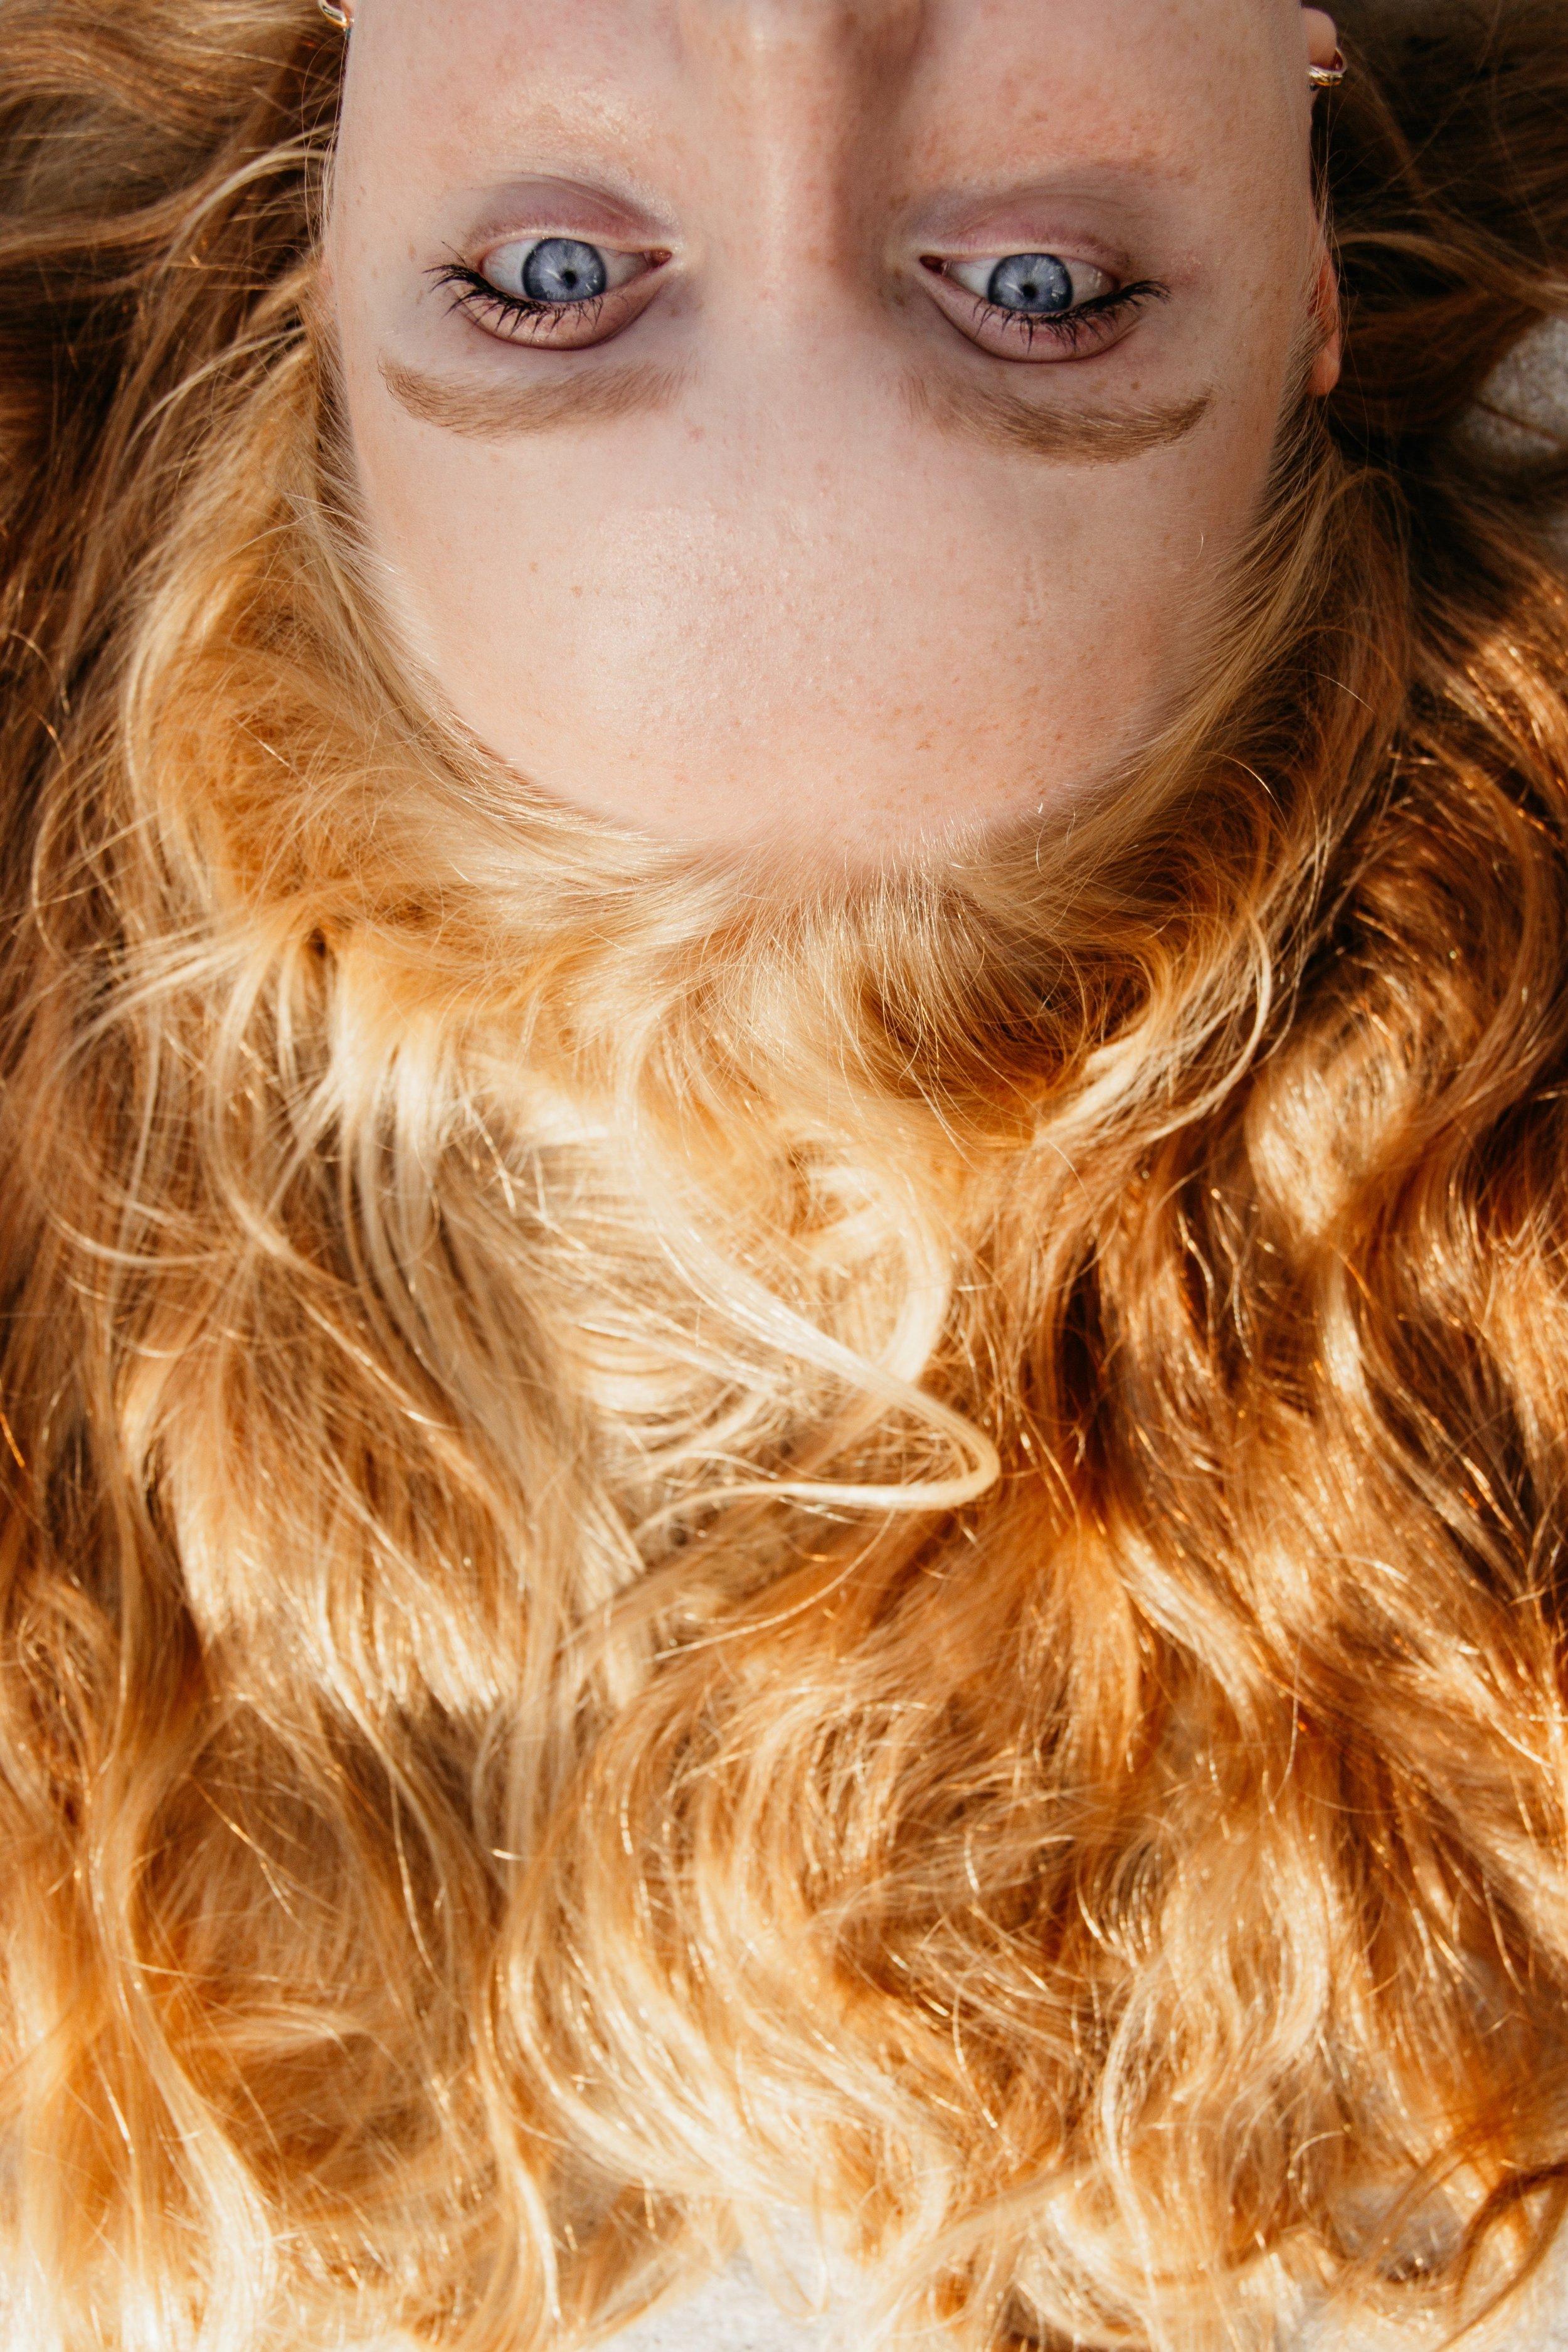 Hair Habits To Break.jpg